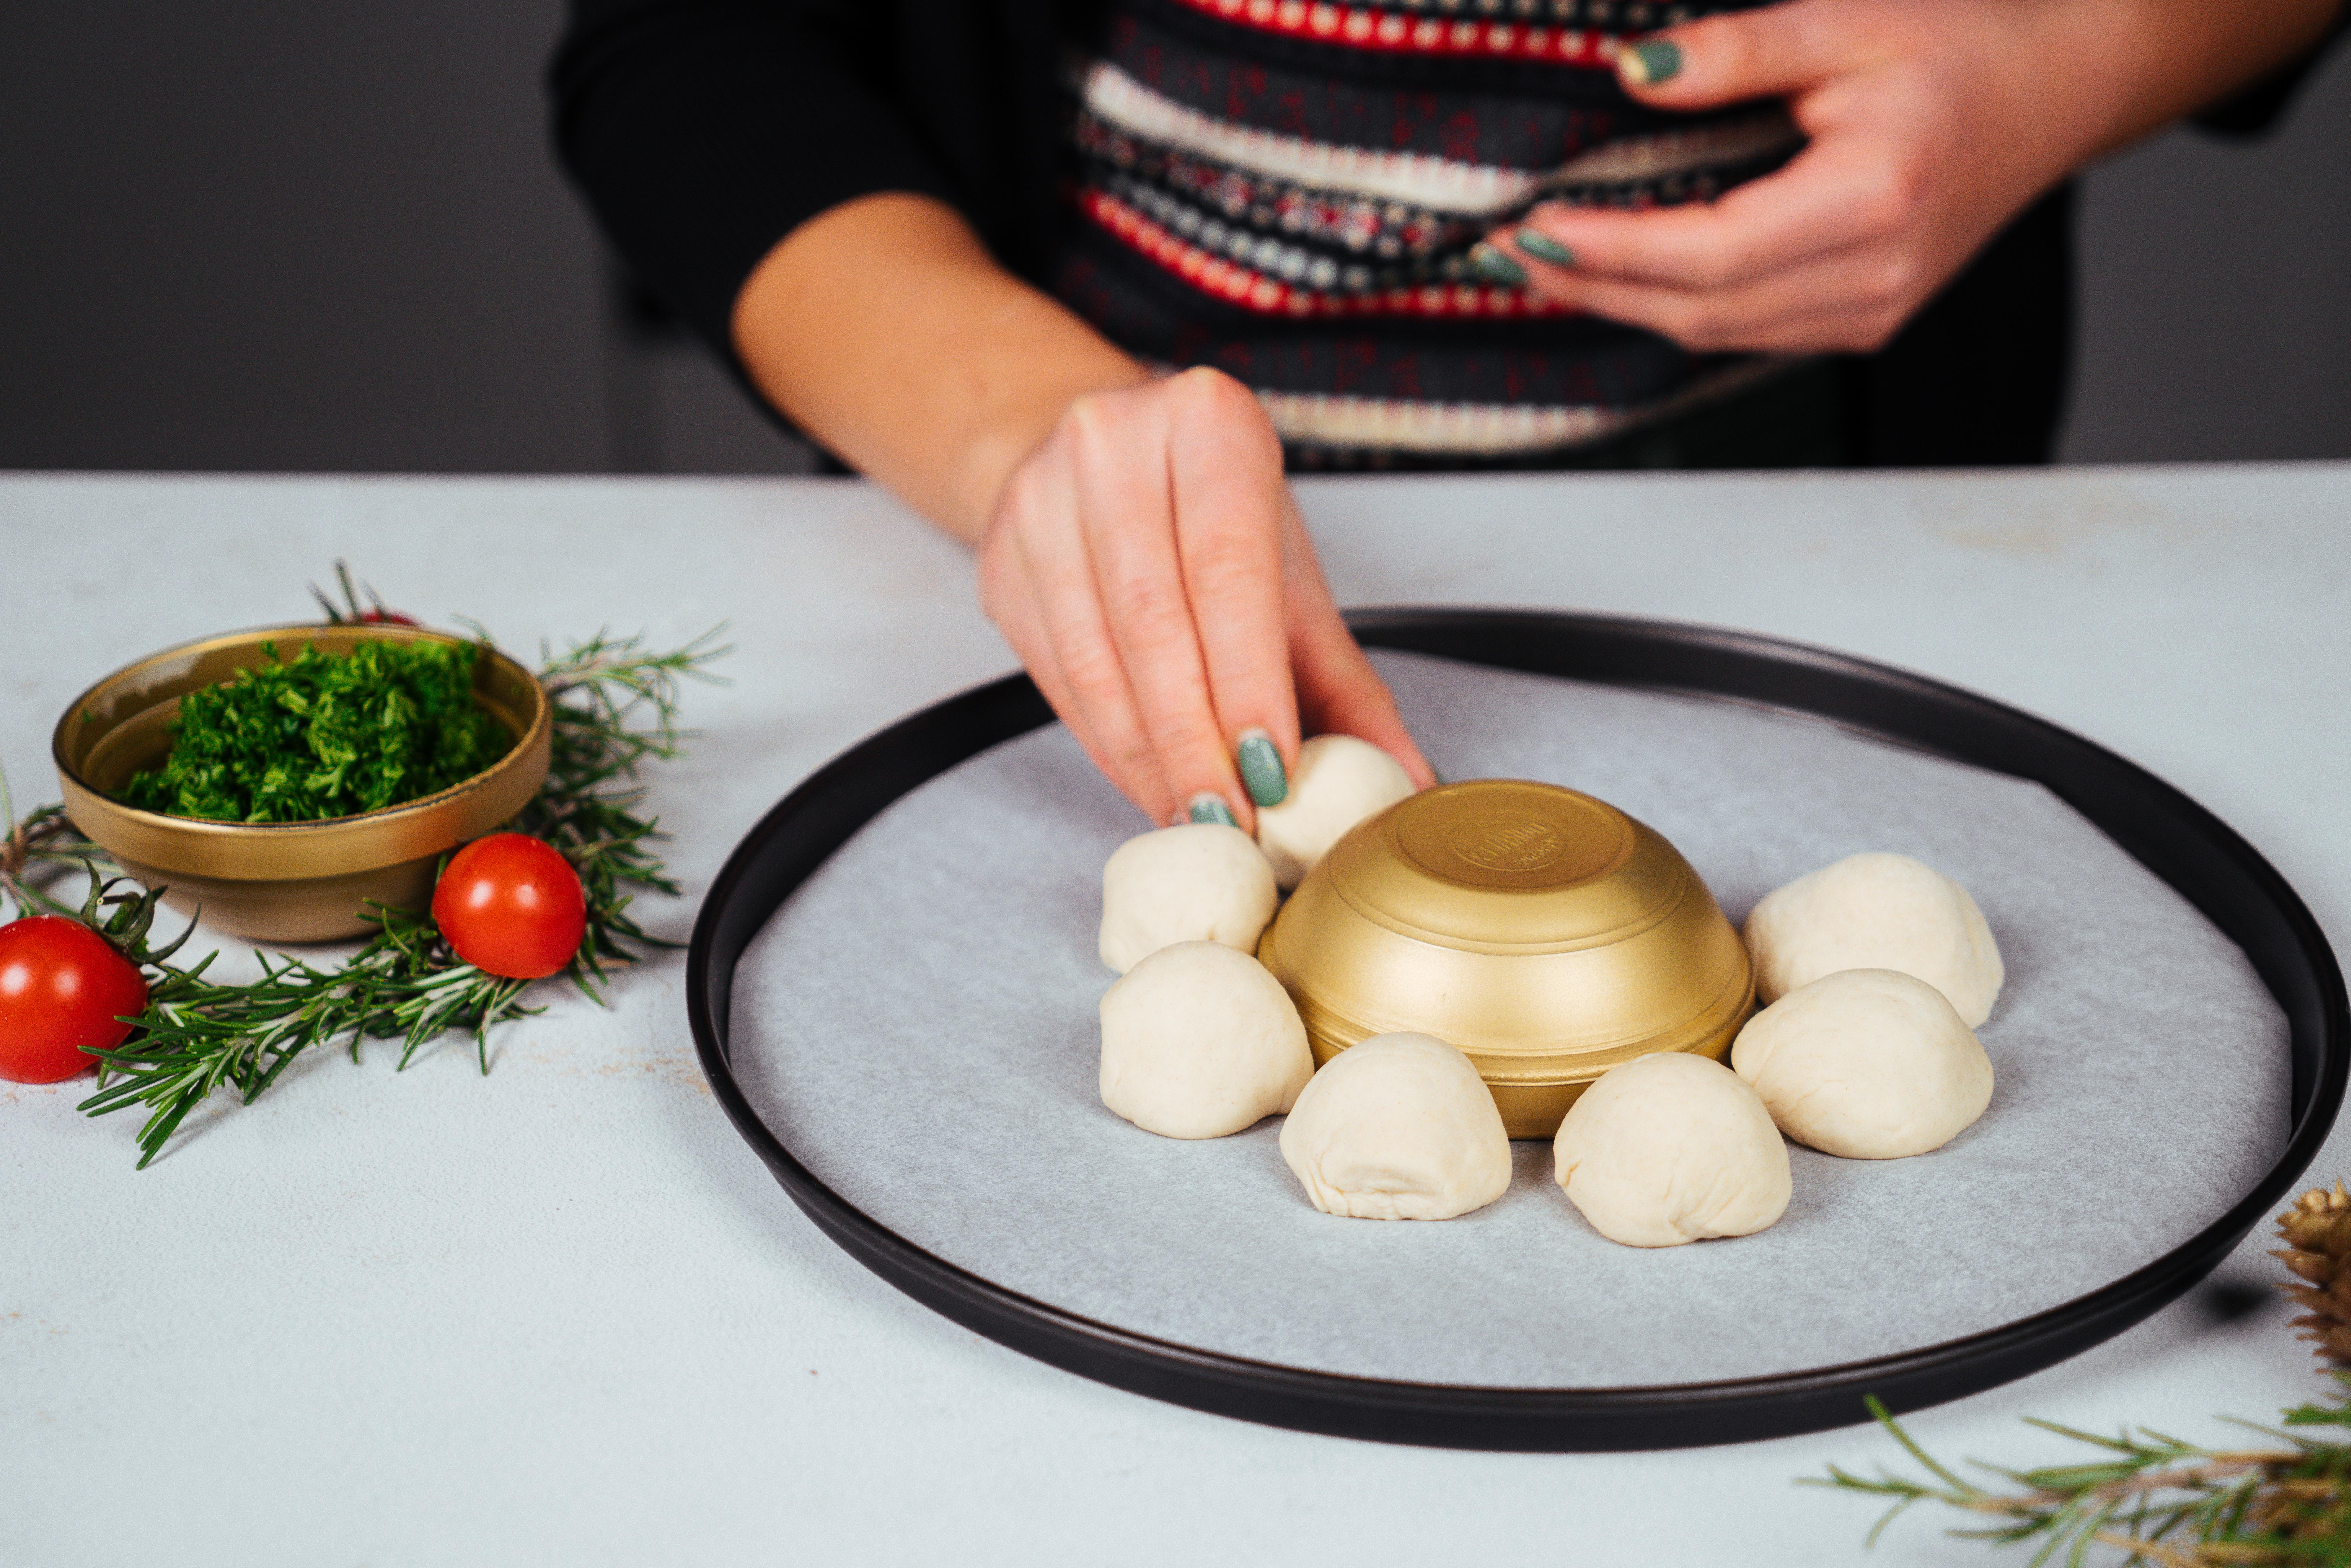 pasos para hacer una empanada para navidad en forma de corona navideña, recetas caseras para Navidad y Nochevieja